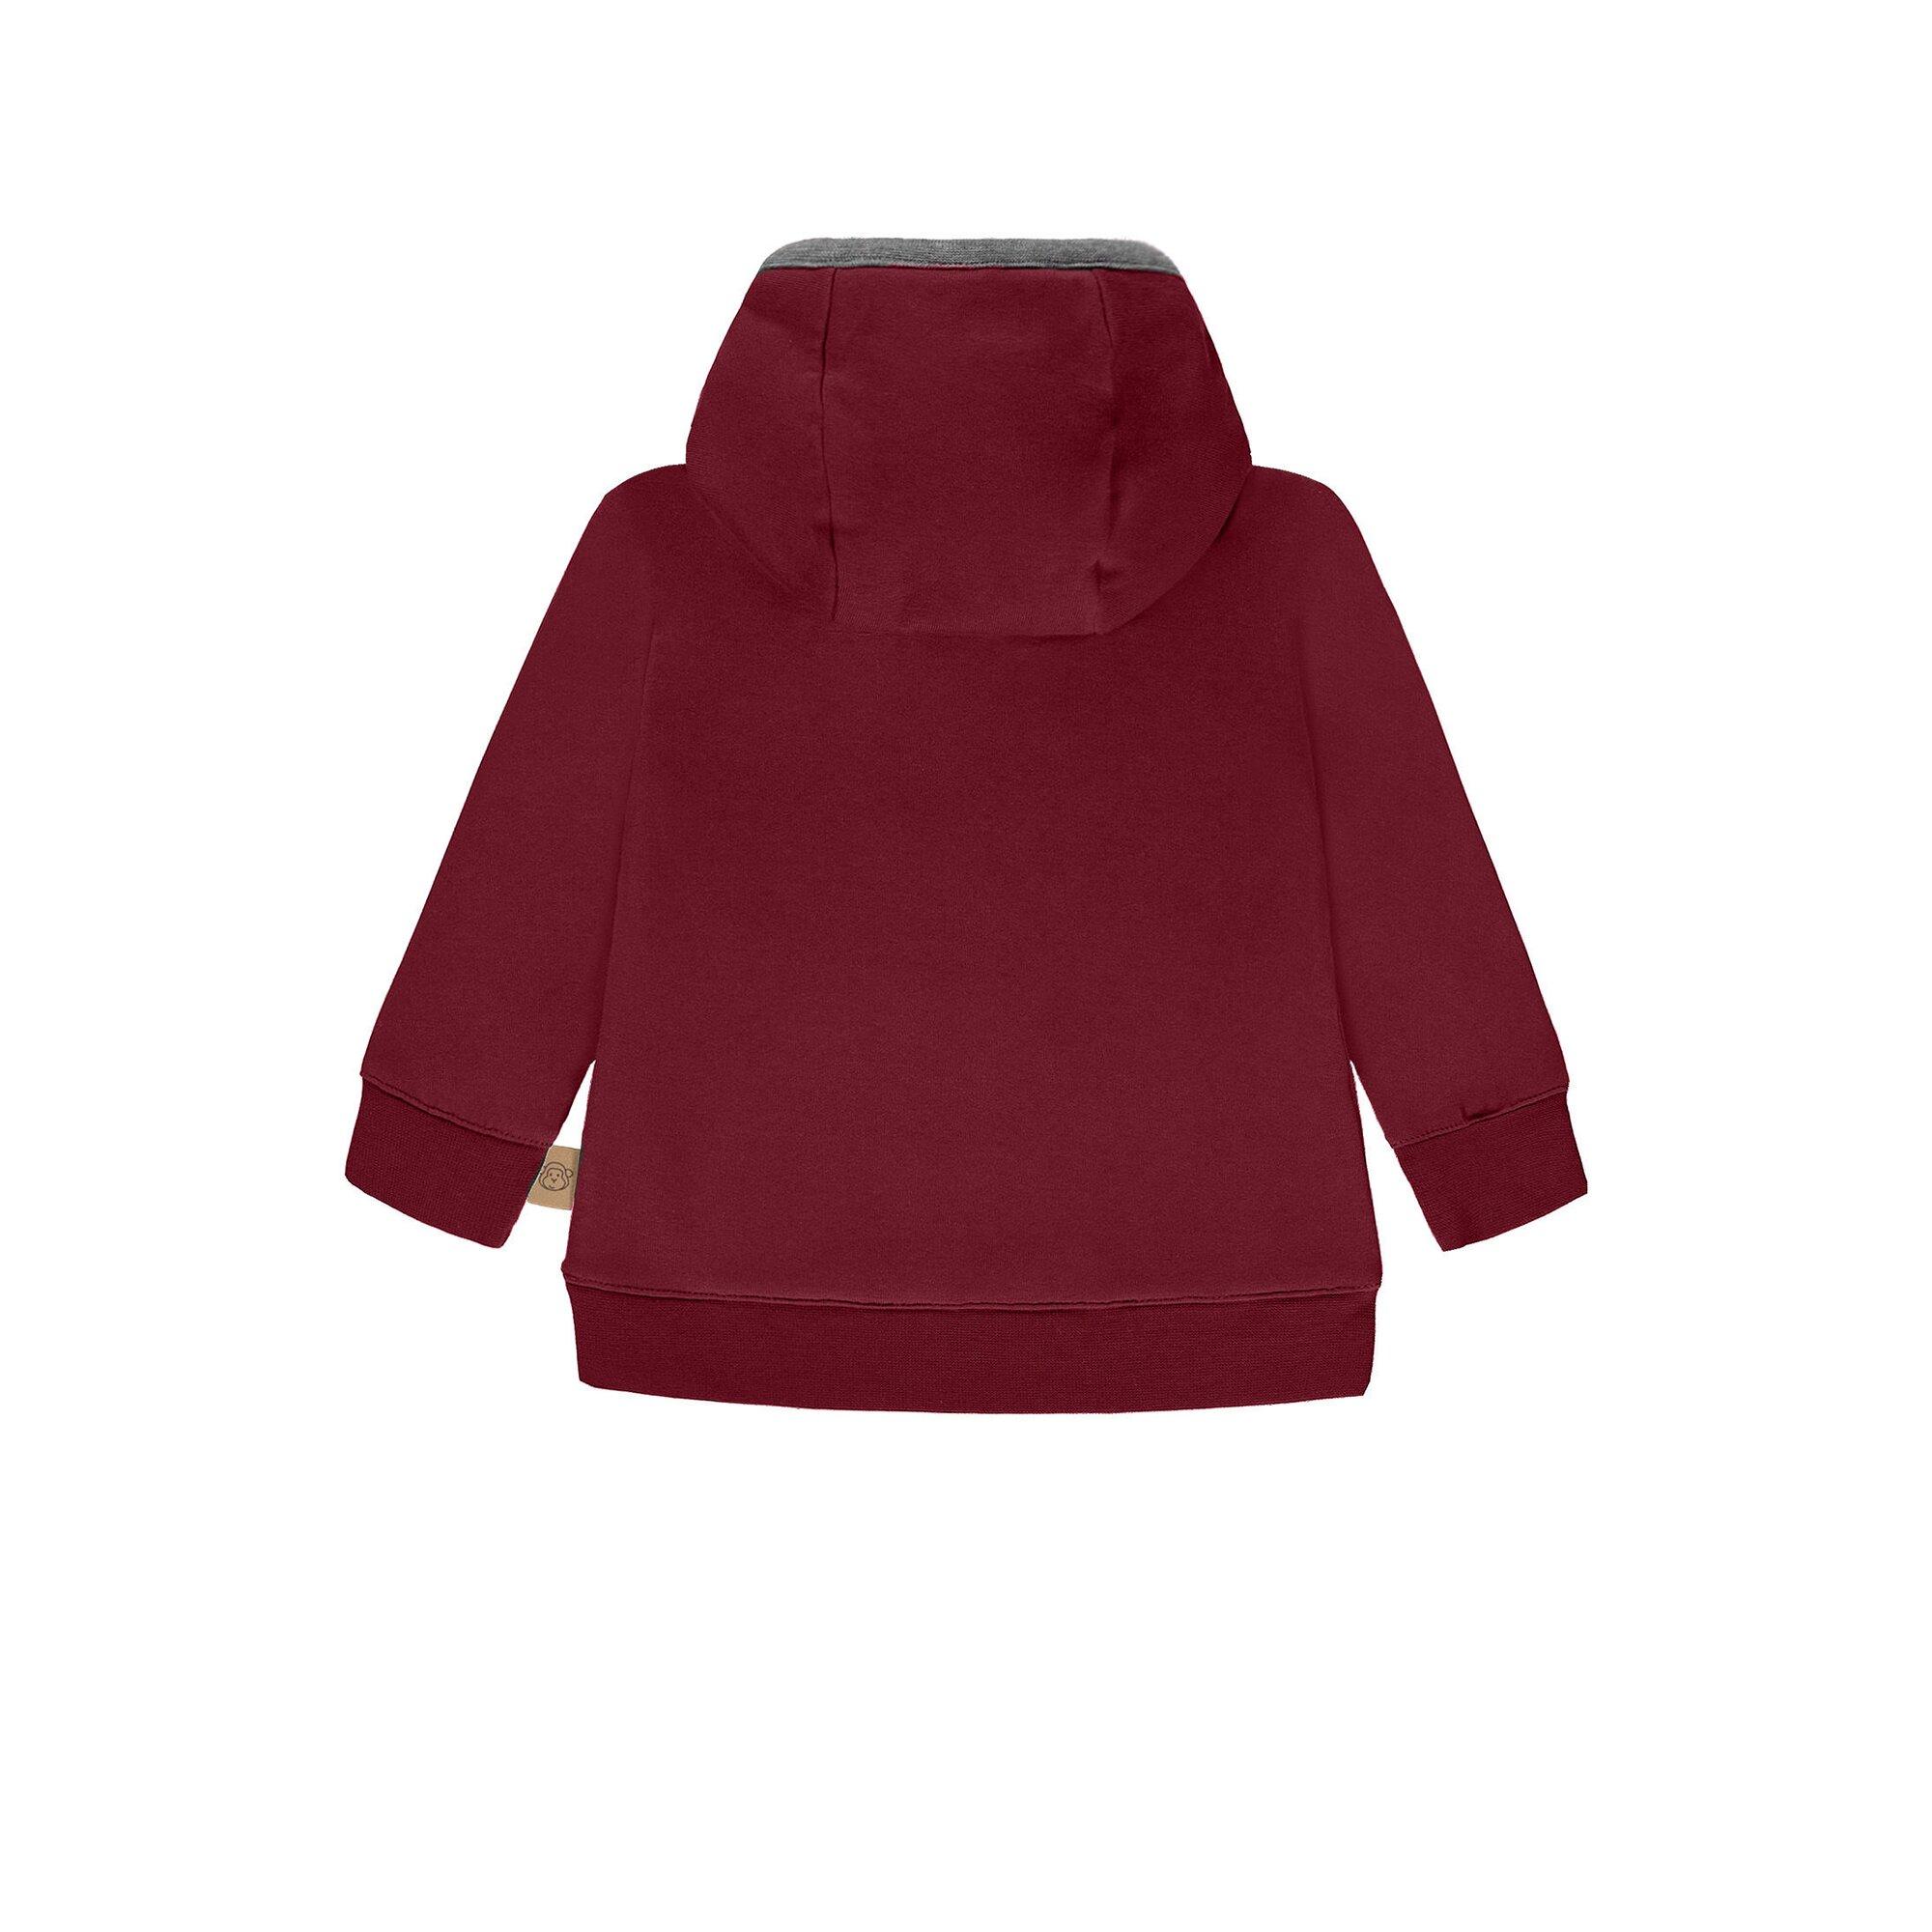 bellybutton-sweatshirt-mit-kapuze-jungen-basic